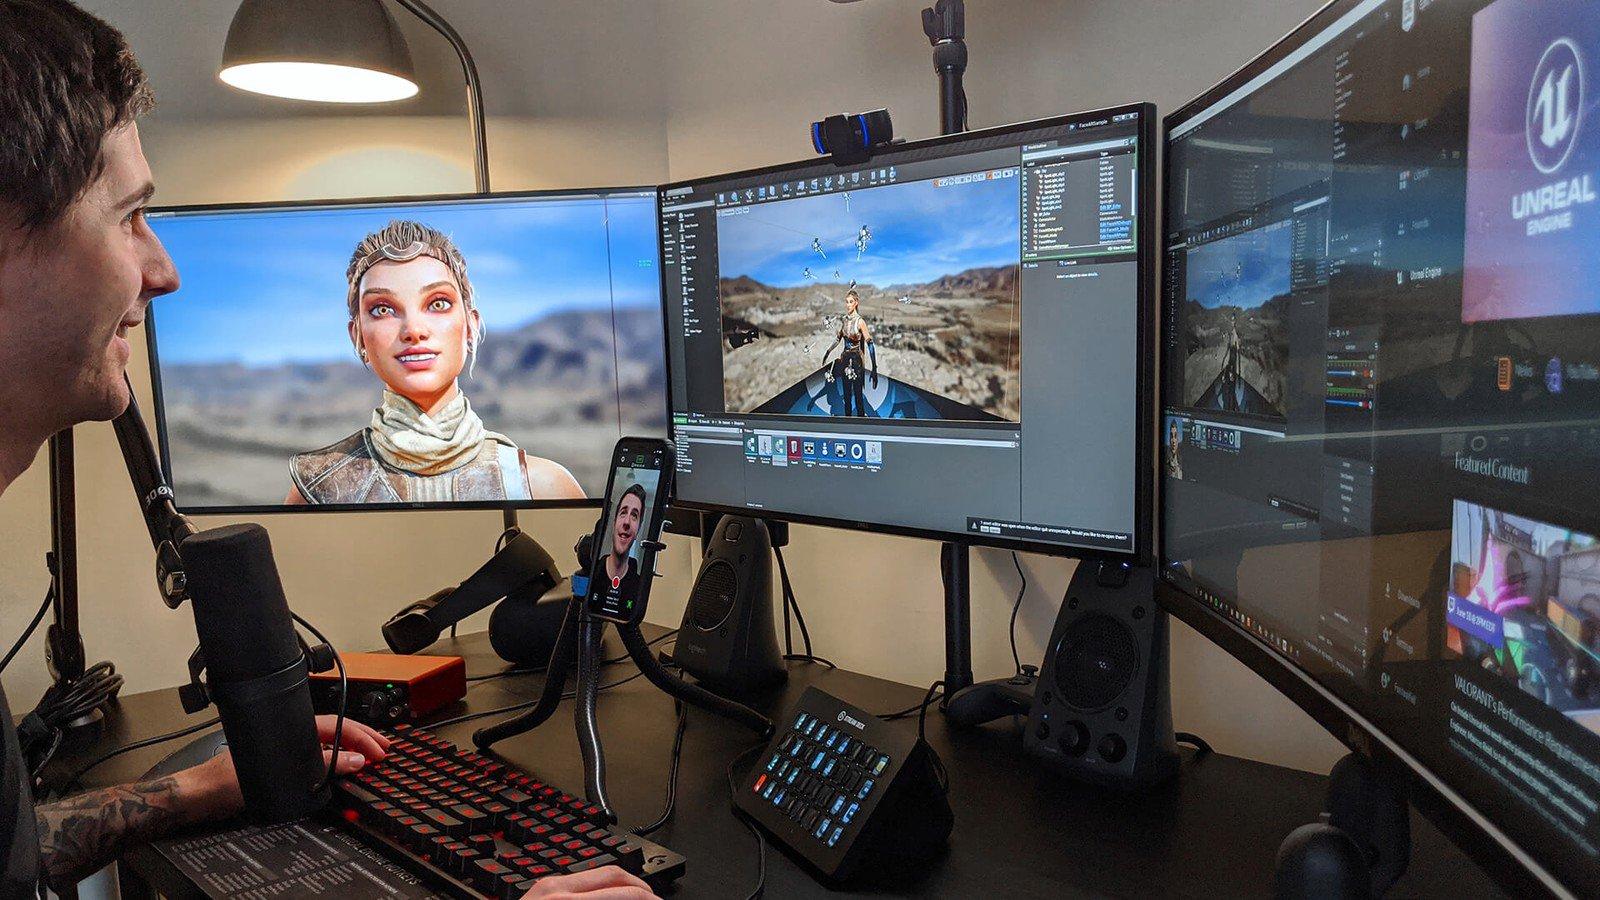 Приложение Live Link Face от Epic использует ARKit и камеру TrueDepth на iPhone для захвата мимики лица